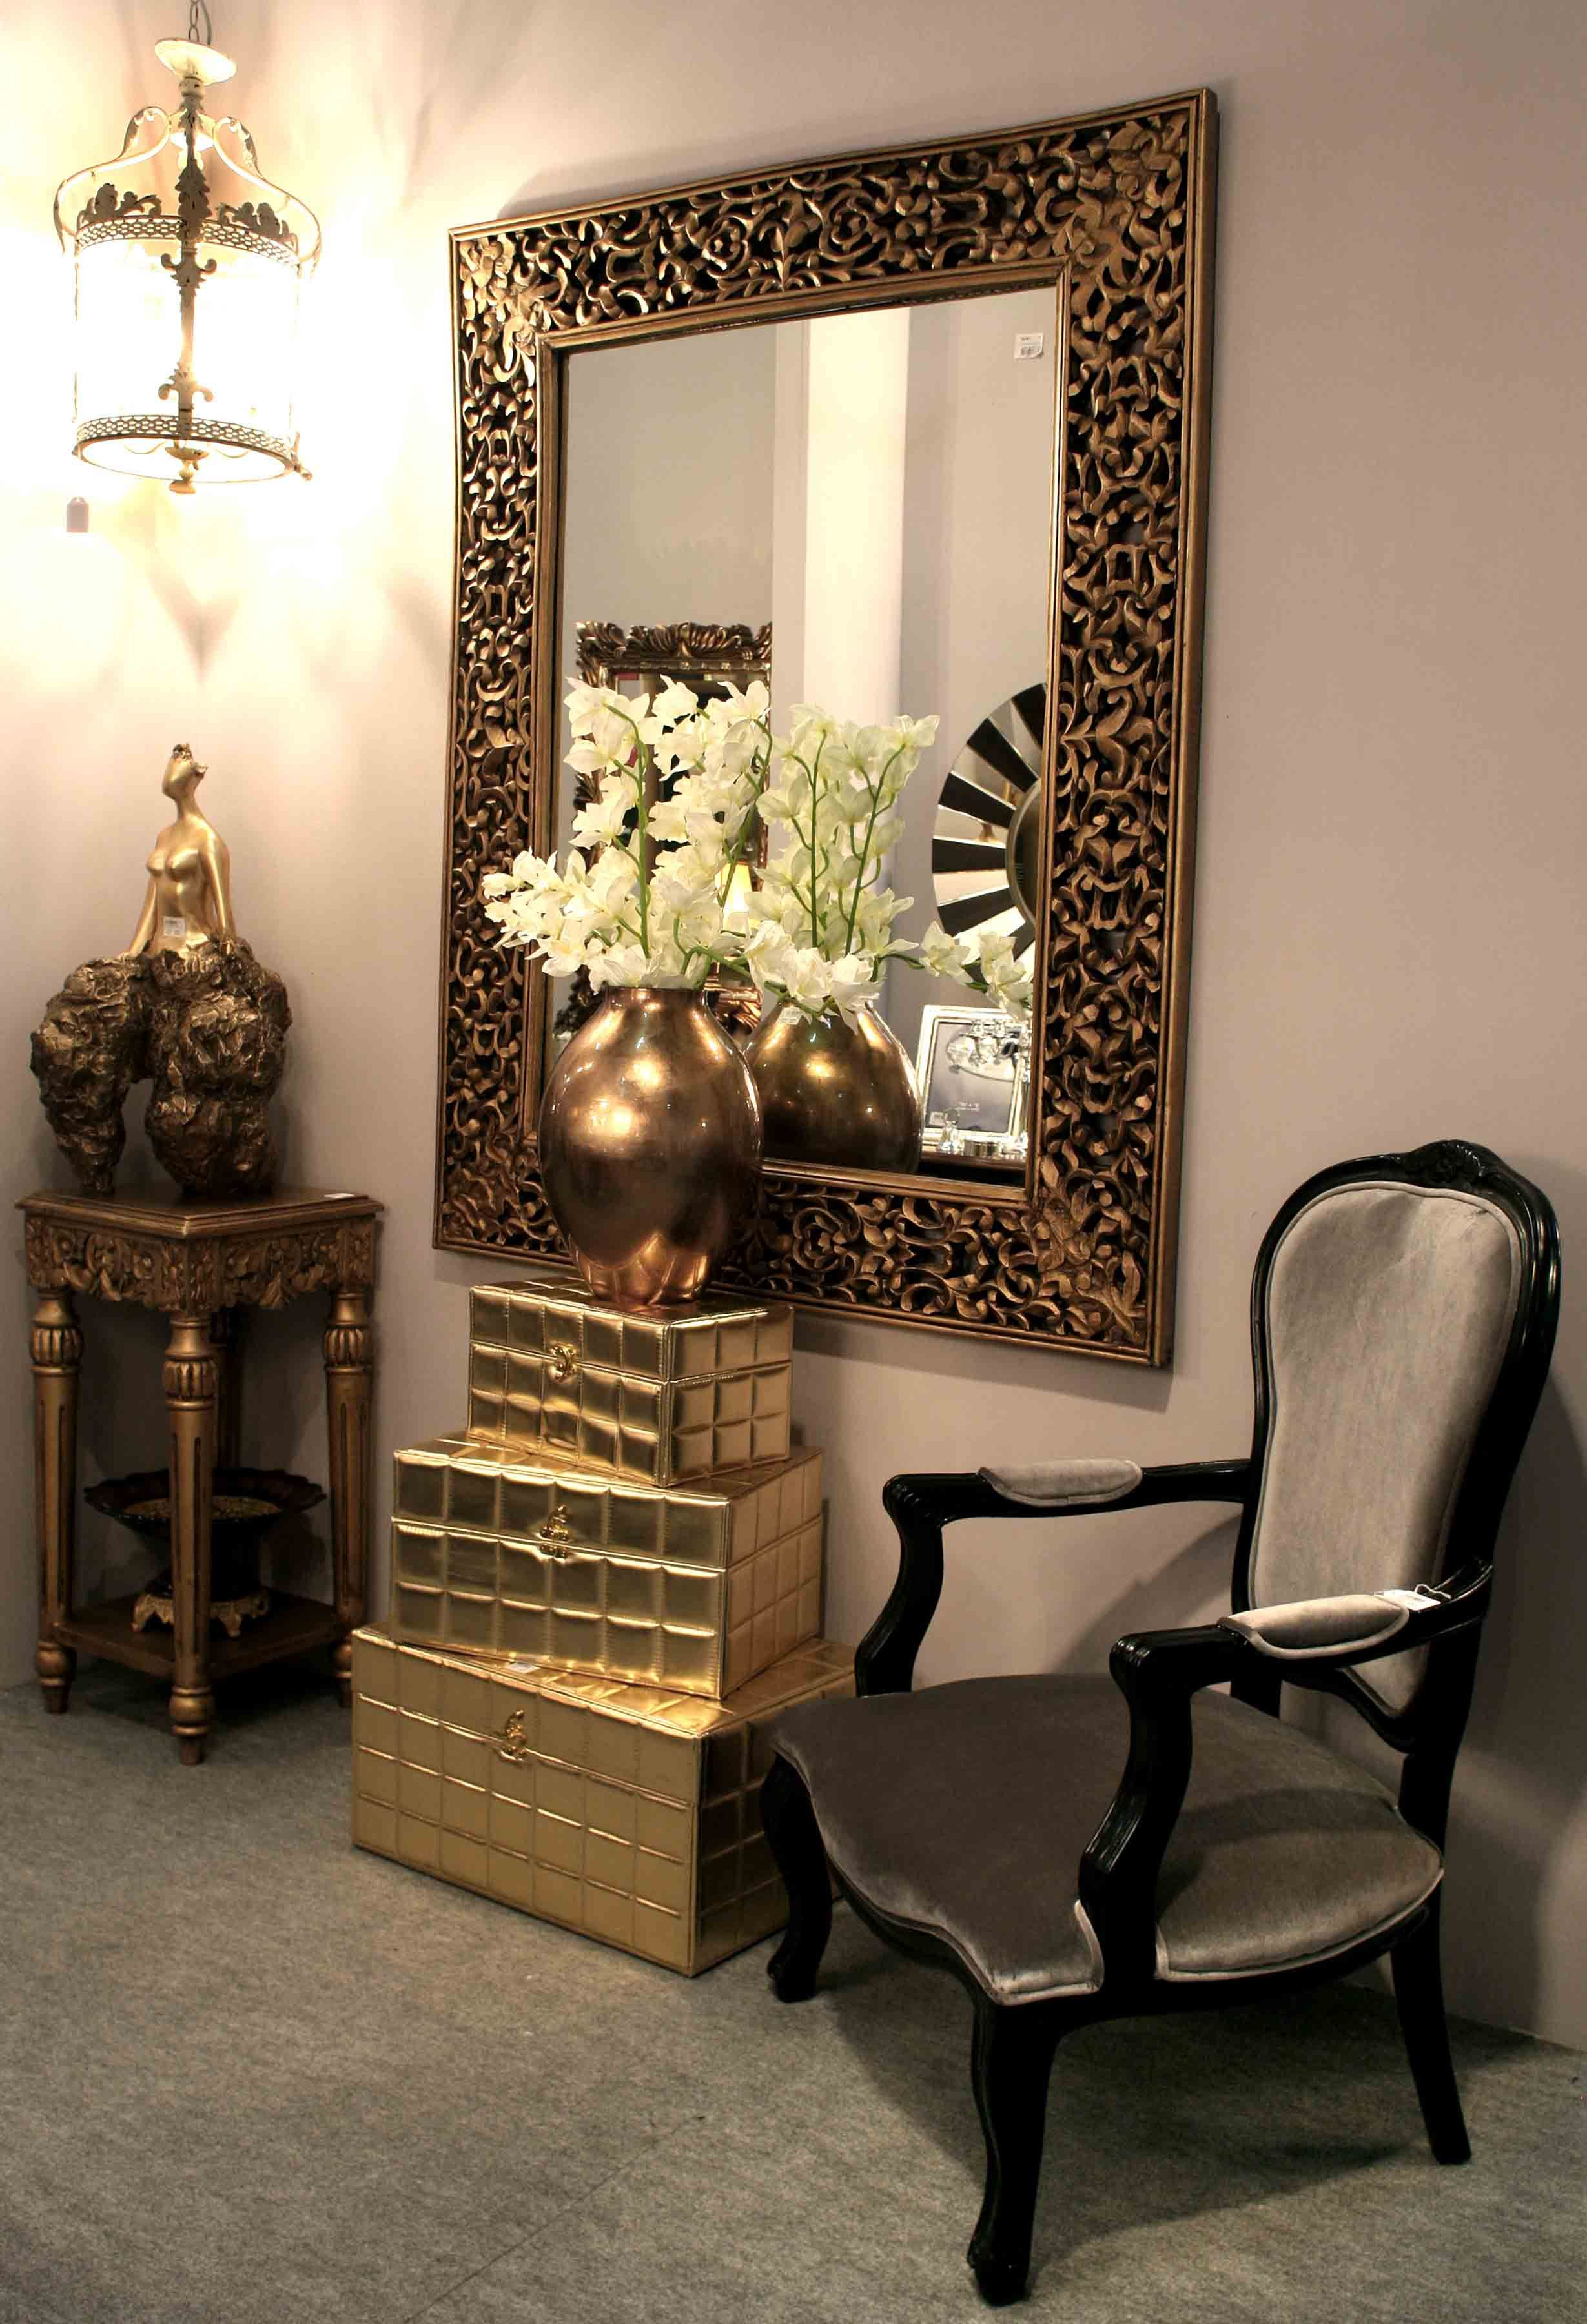 Espejos Decorativos Para Sala 1  Home Design Ideas in